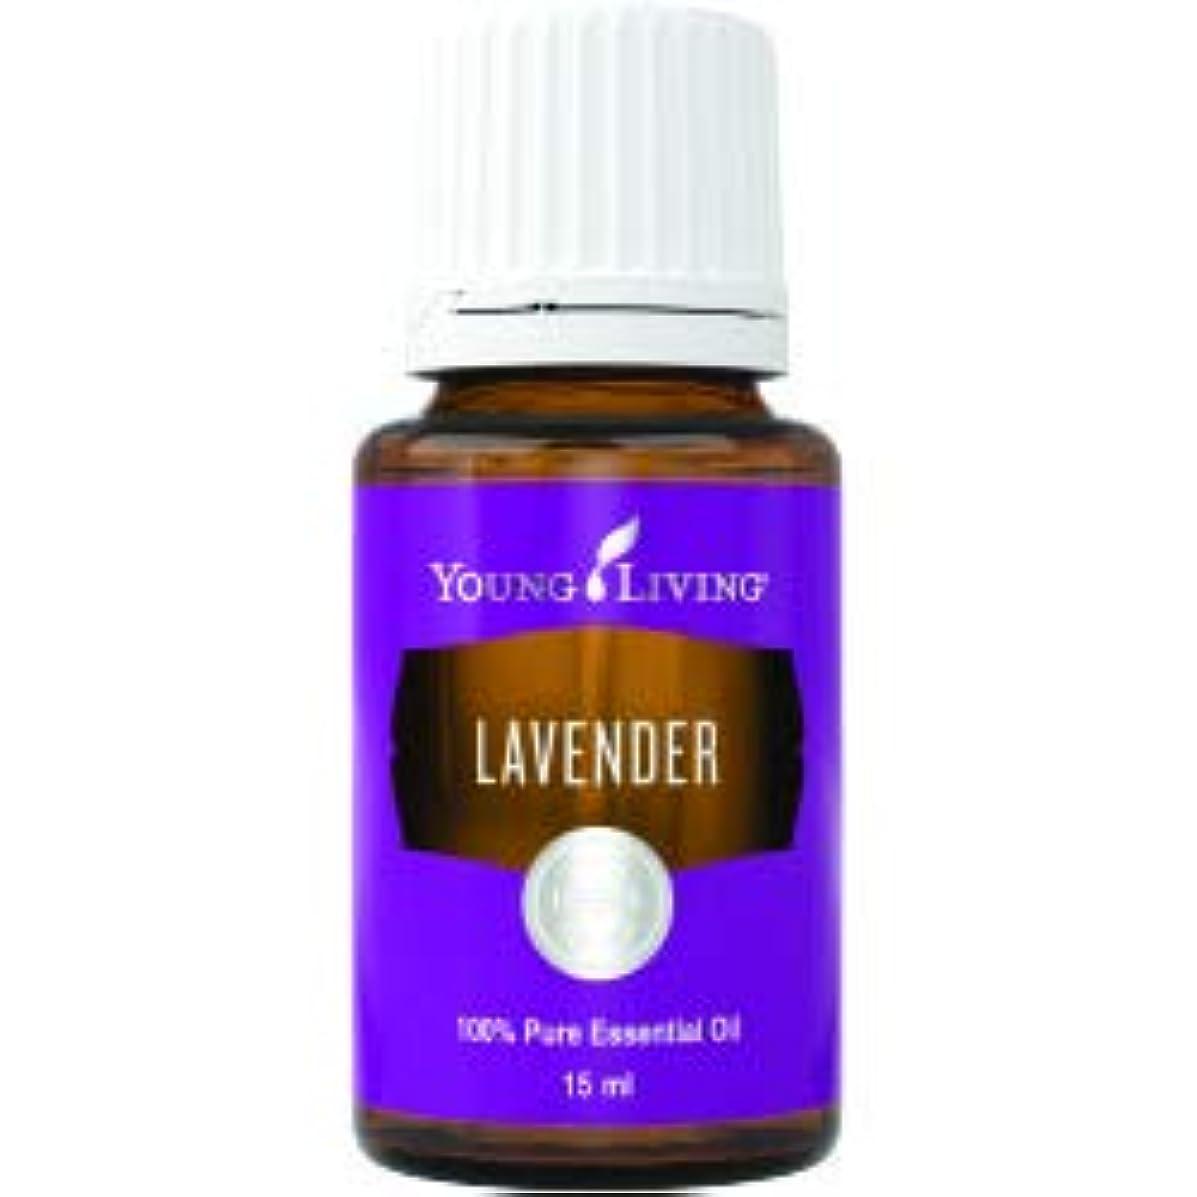 支配的。彫刻家ラベンダーエッセンシャルオイル15ml by Young Livingエッセンシャルオイルマレーシア Lavender Essential Oil 15ml by Young Living Essential Oil Malaysia